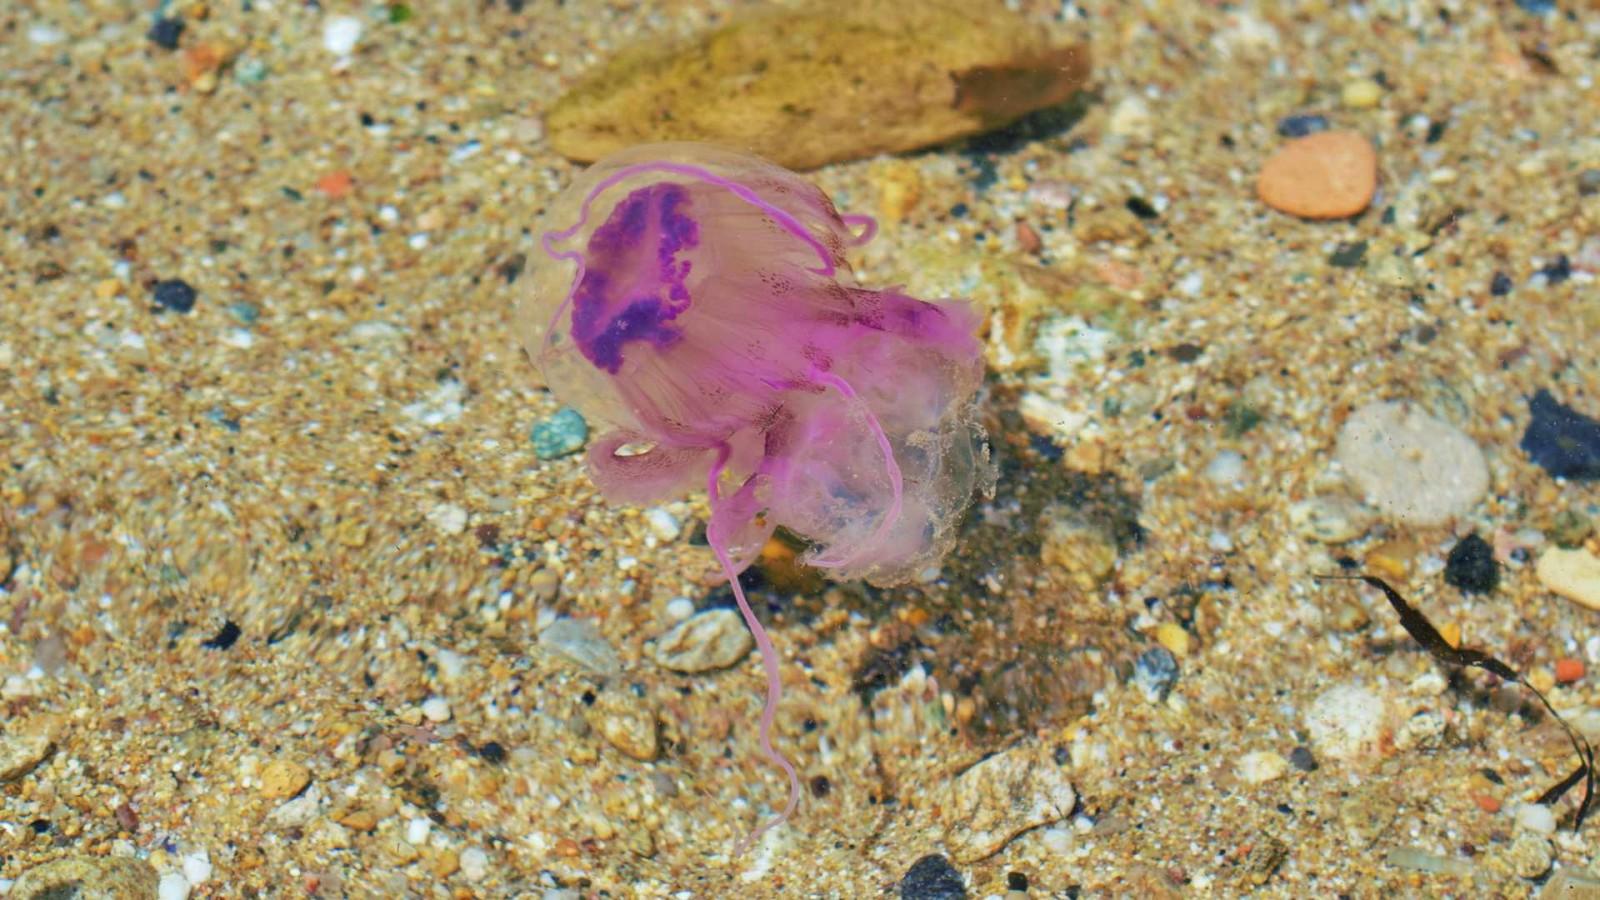 jelyfish sea